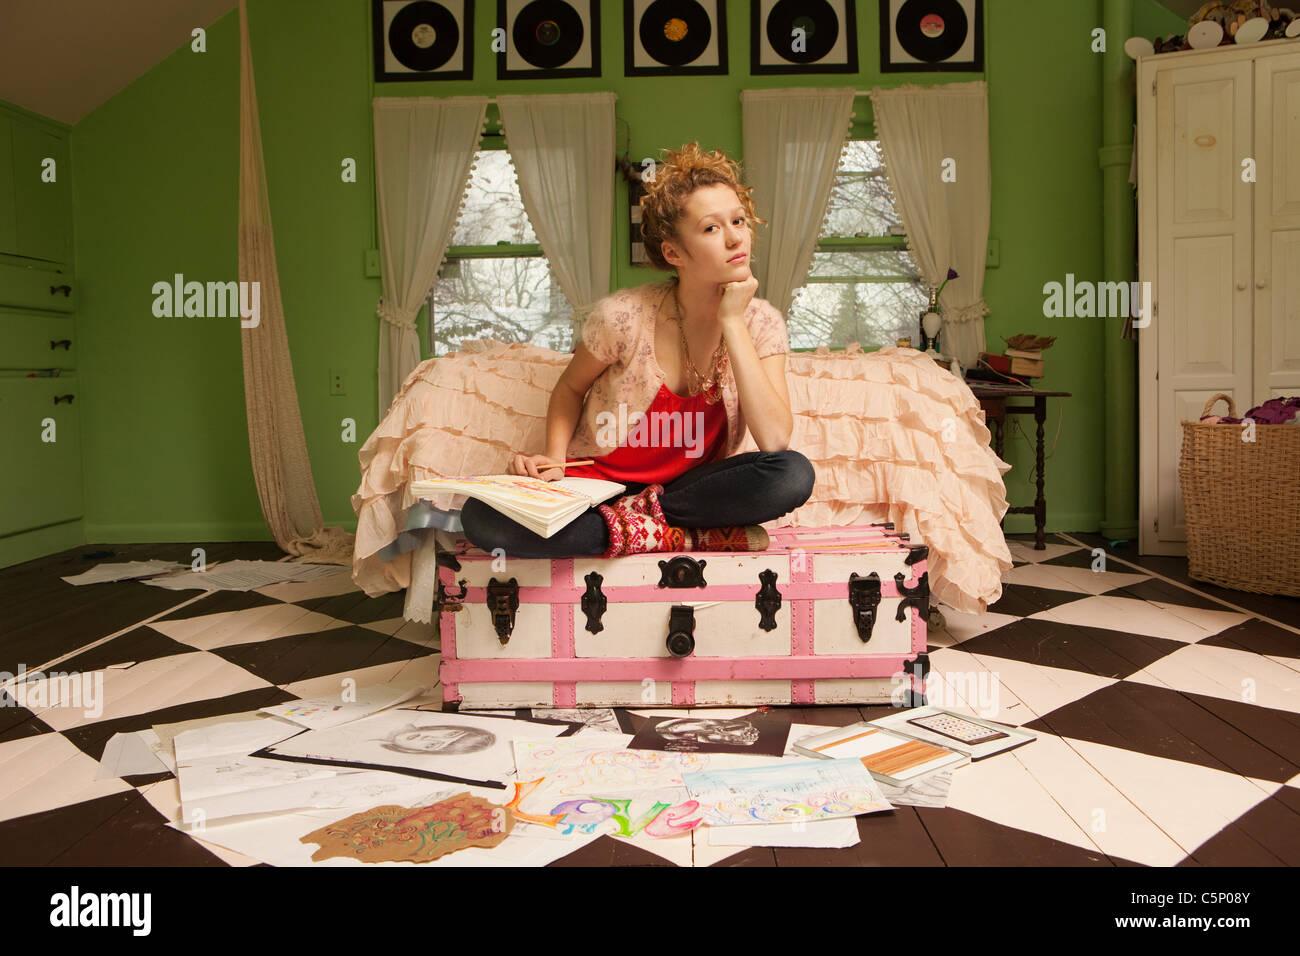 Teenage girl sitting on ottoman with drawings on bedroom floor - Stock Image